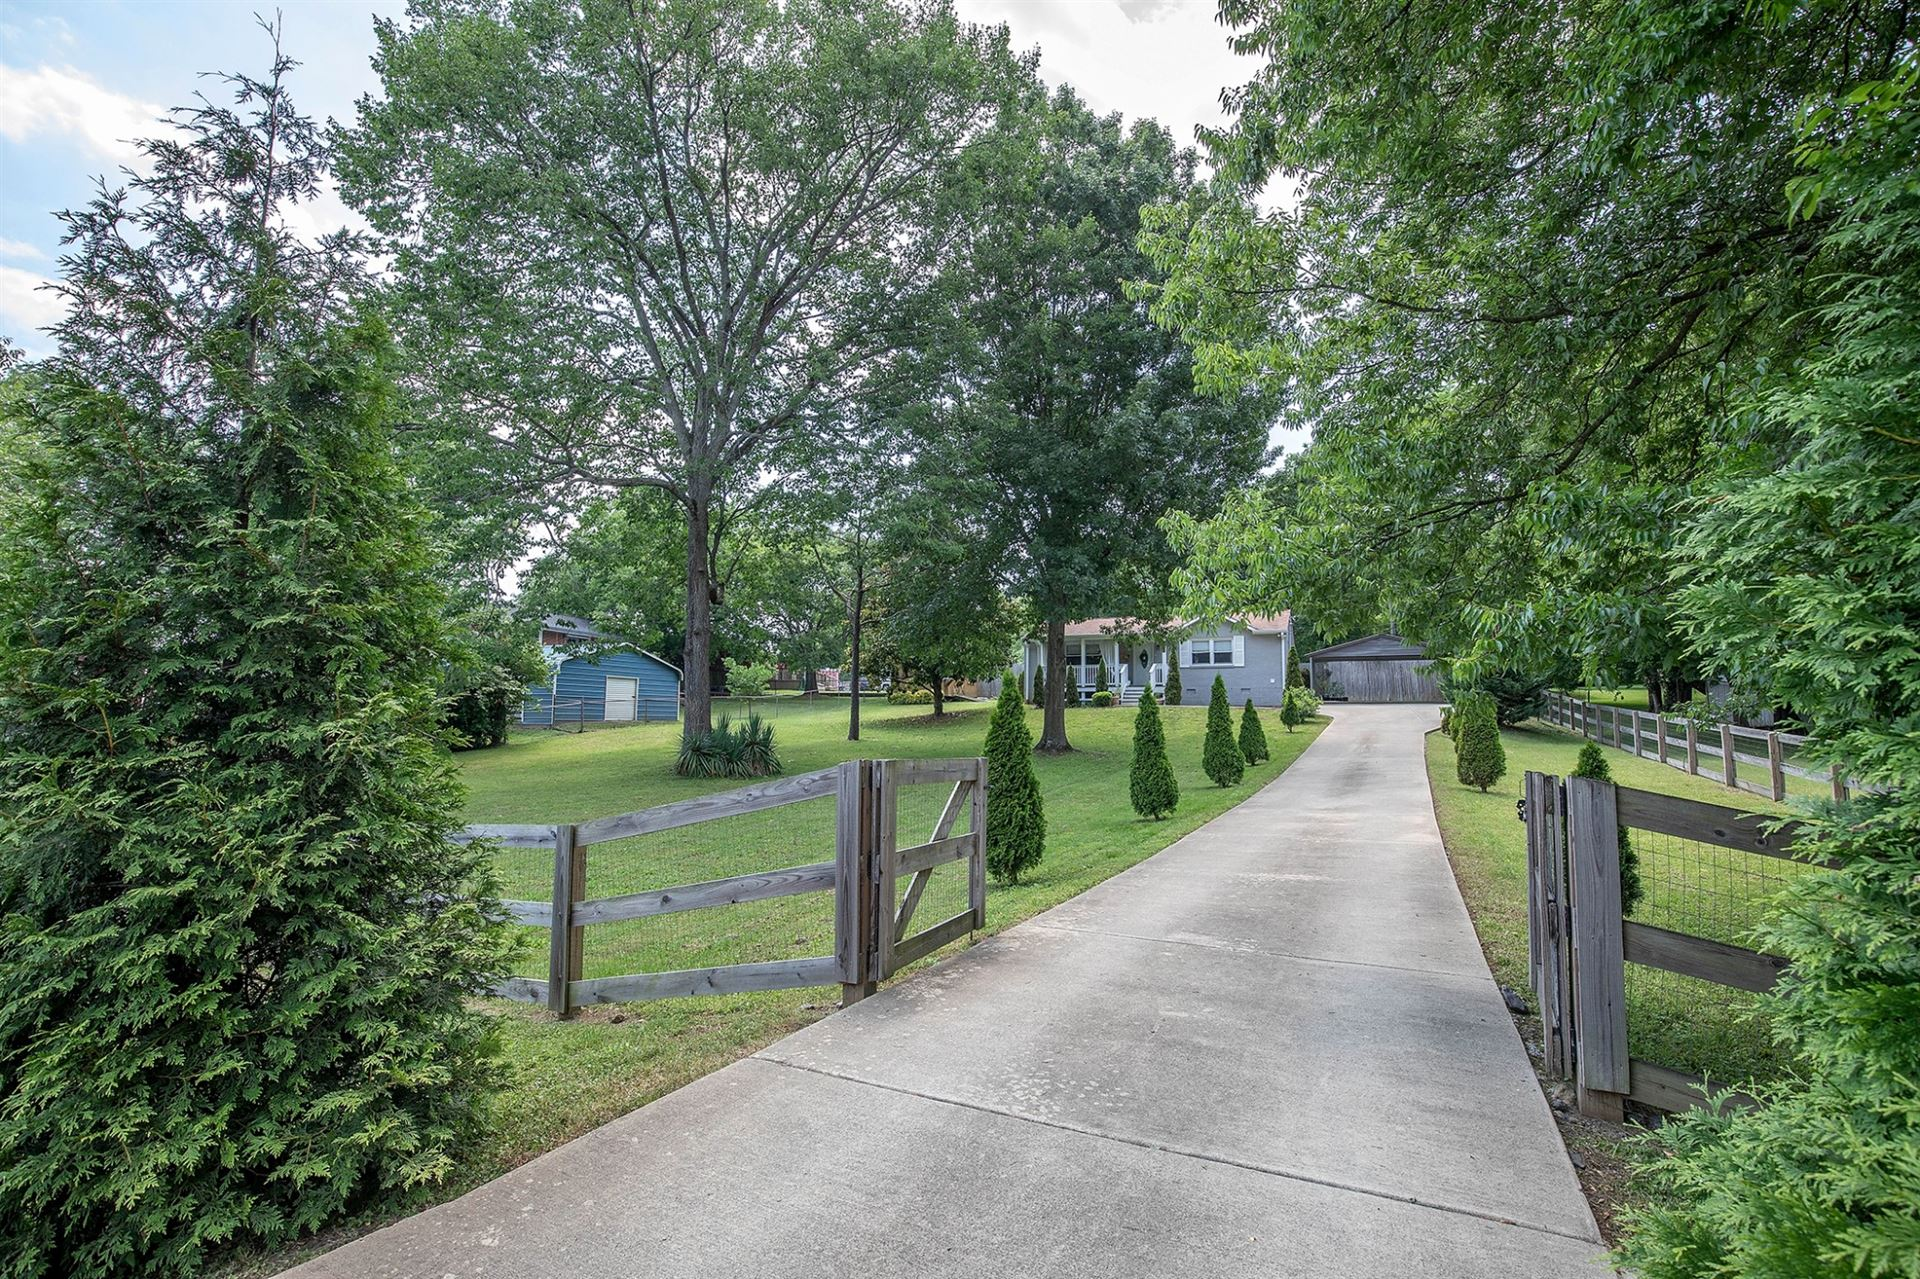 103 Monticello Ave, Goodlettsville, TN 37072 - MLS#: 2264495